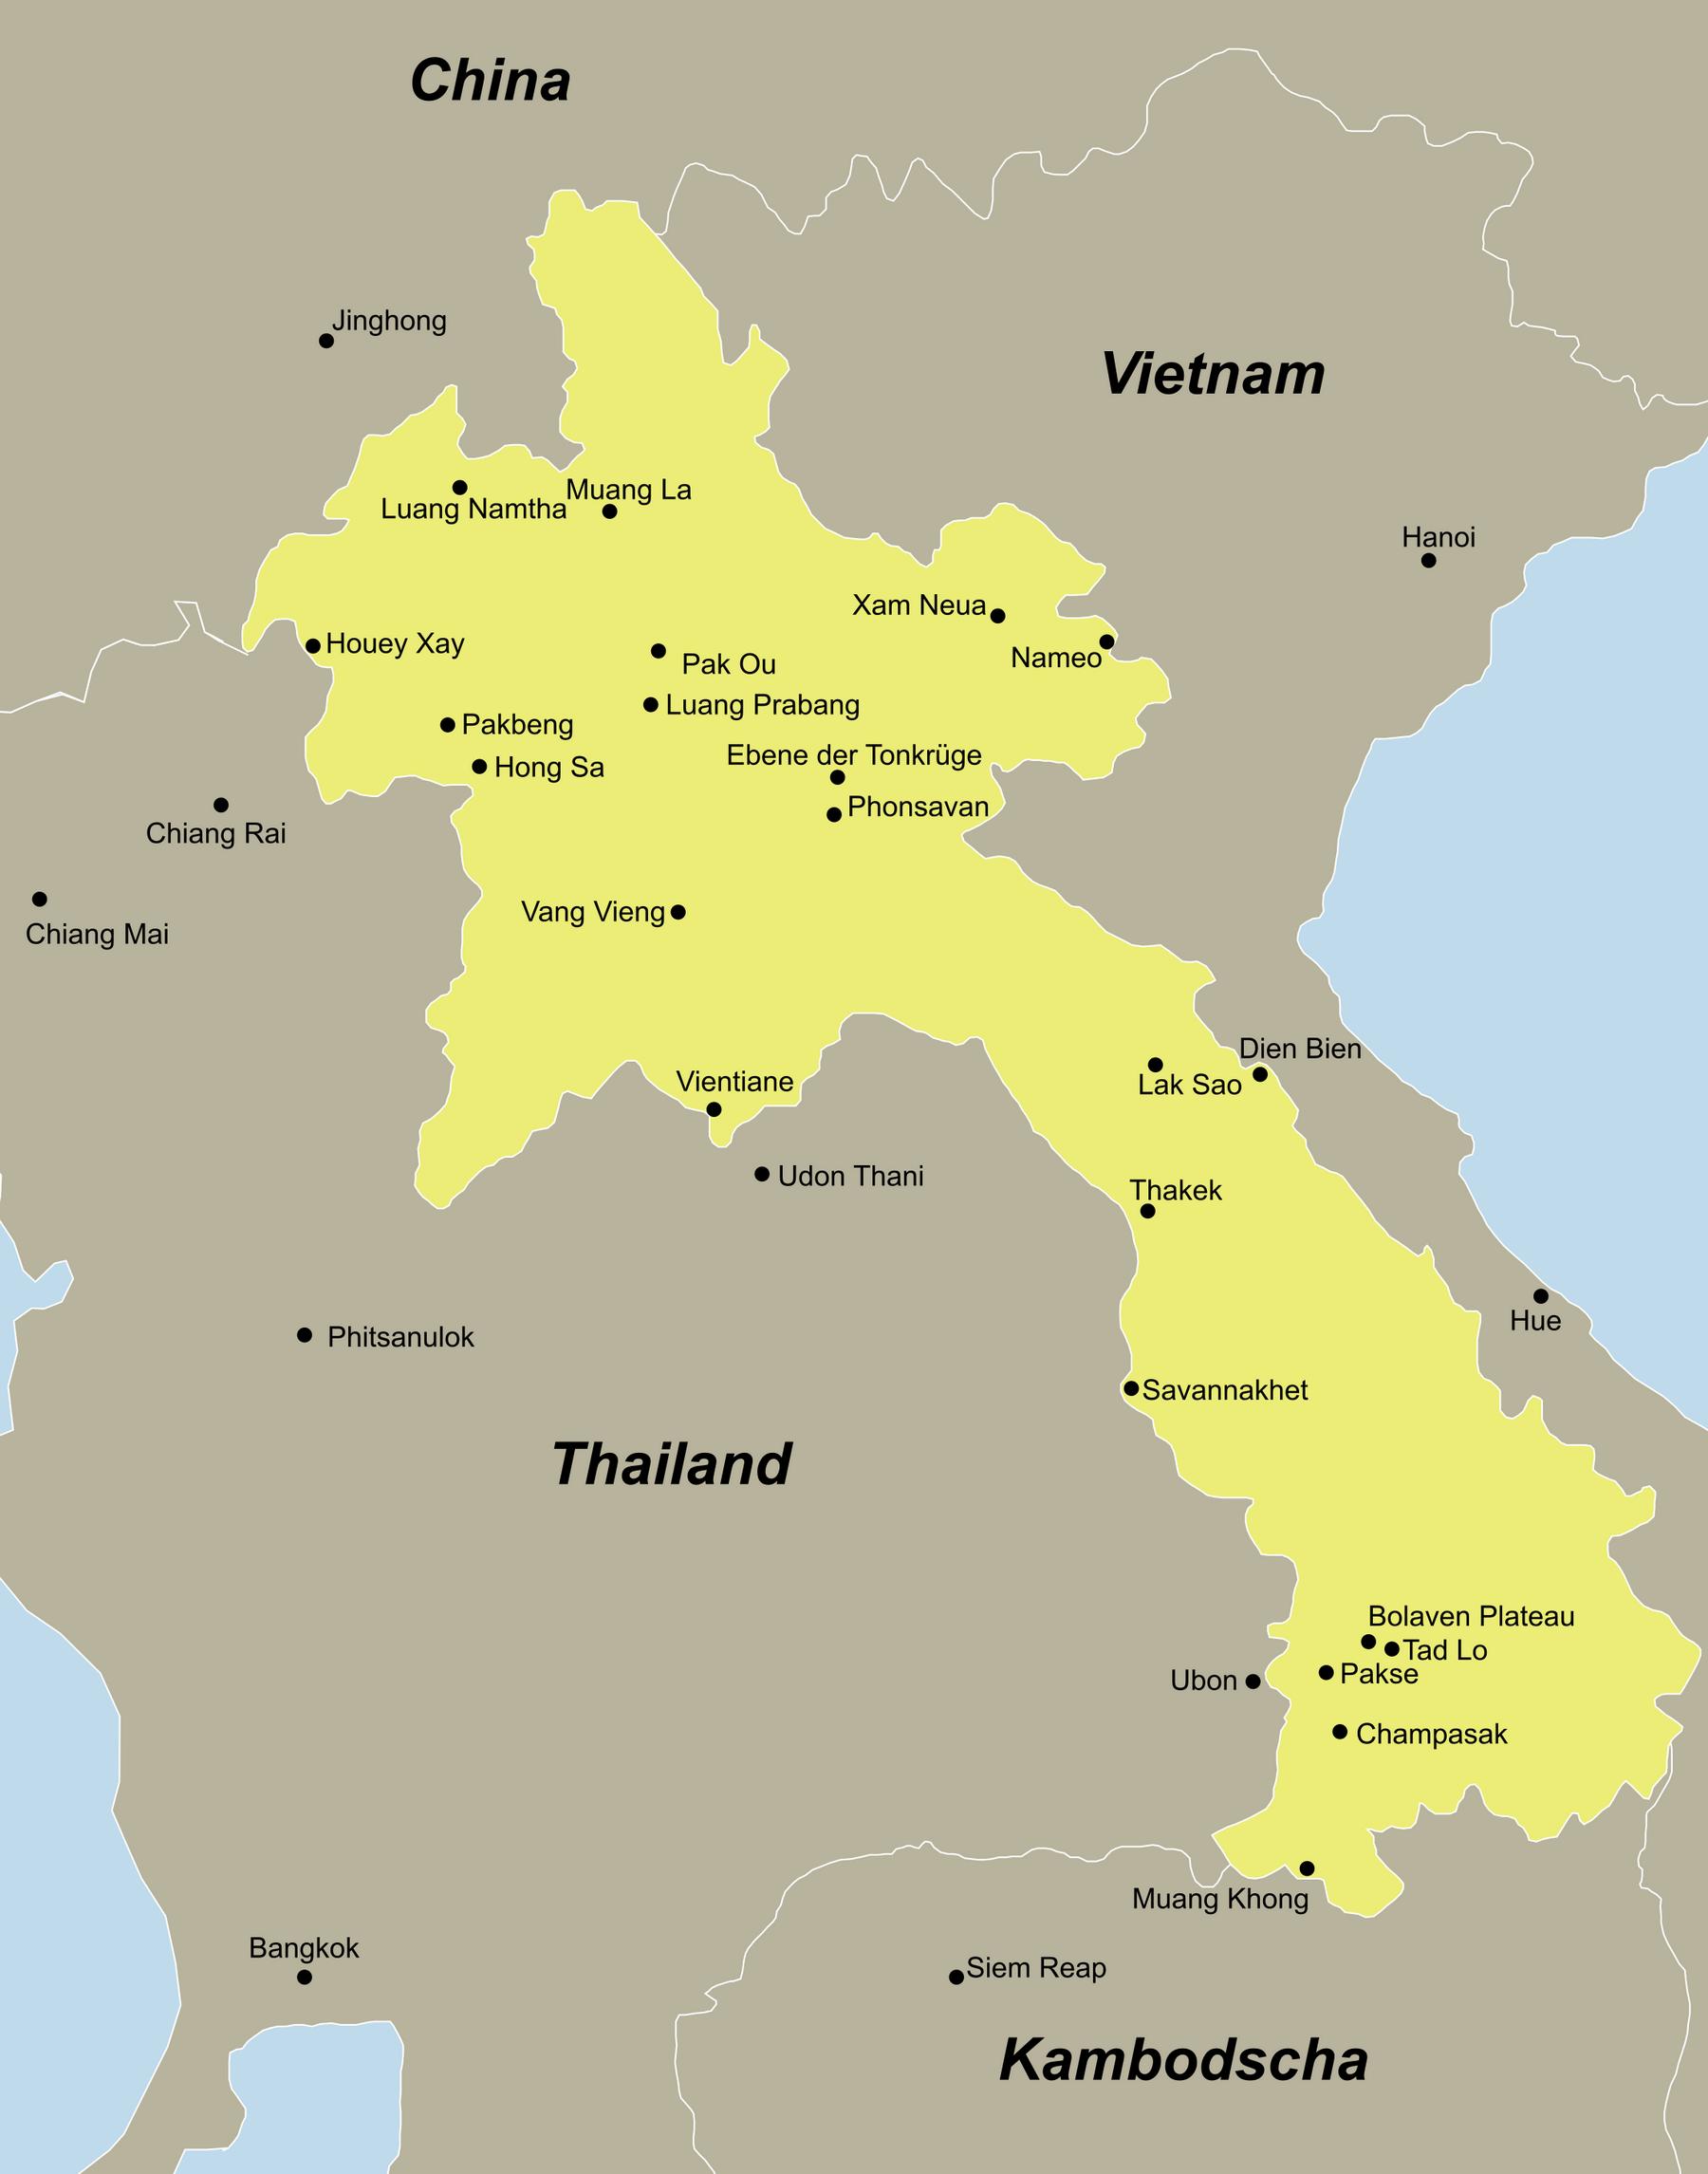 Laos Traumurlaub anspruchsvoll mit dem Reiseveranstalter reisefieber planen und reisen.